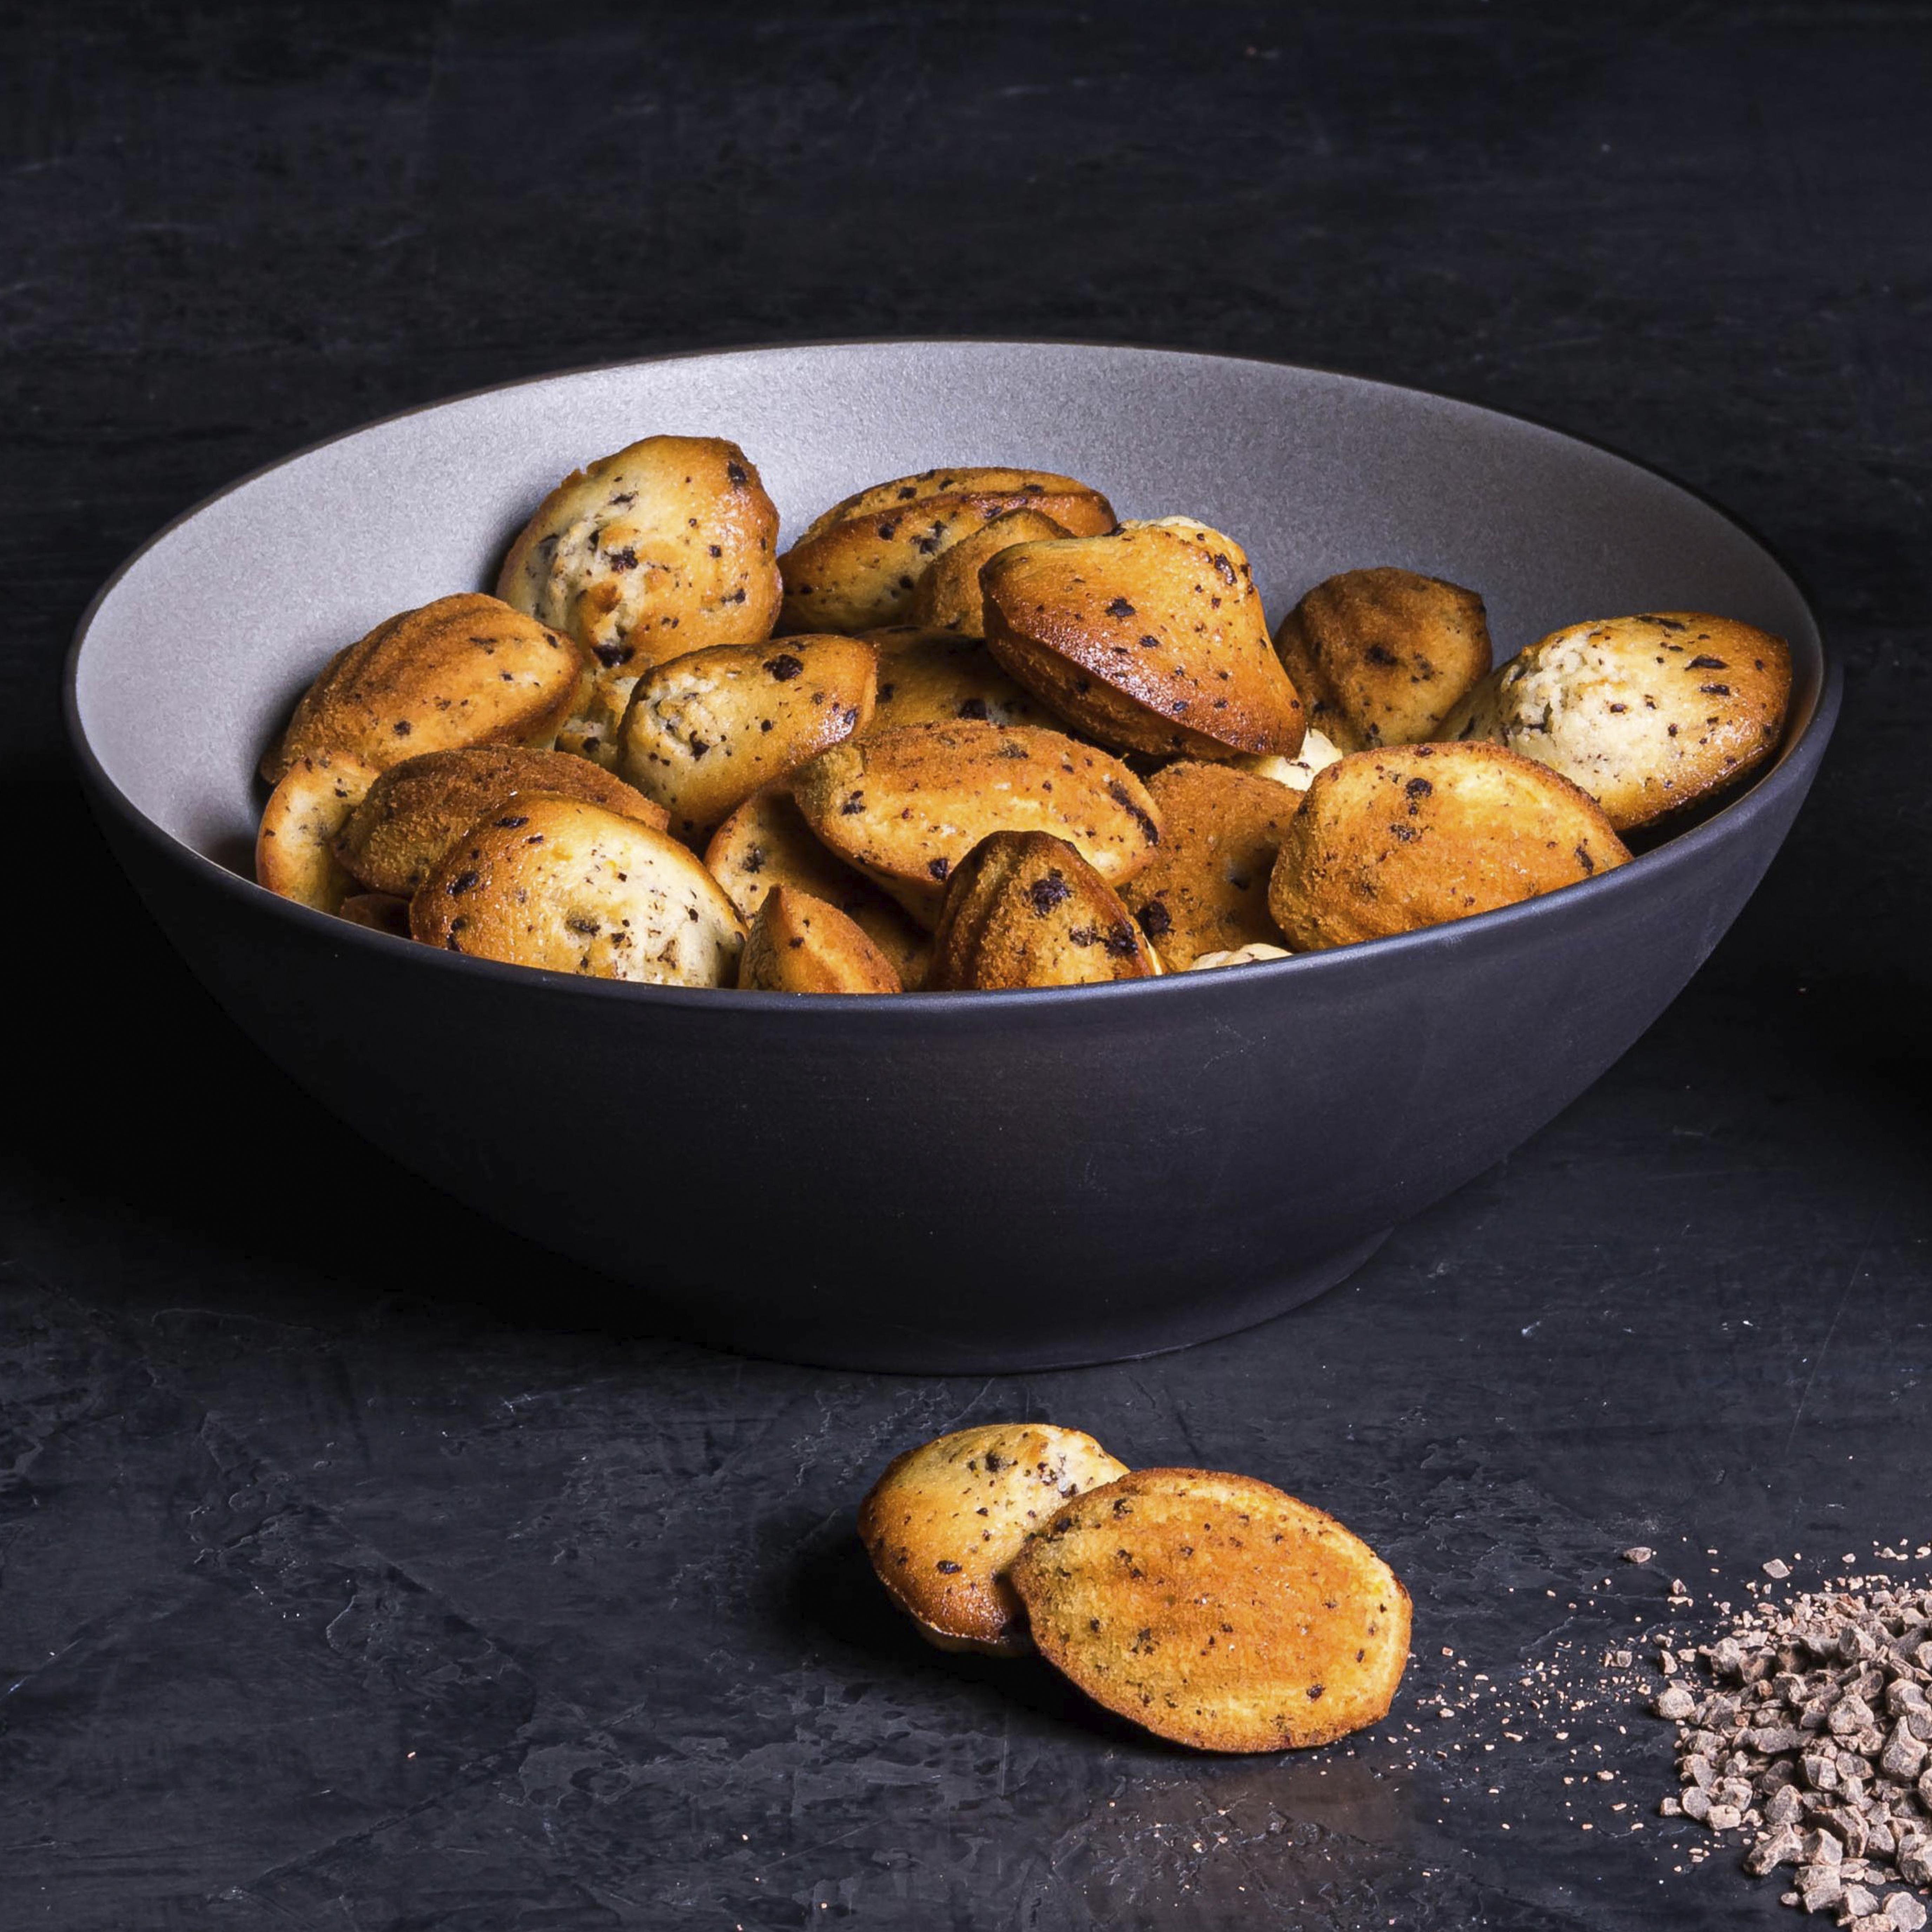 MADELEINE WITH NYANGBO GROUND CHOCOLATE